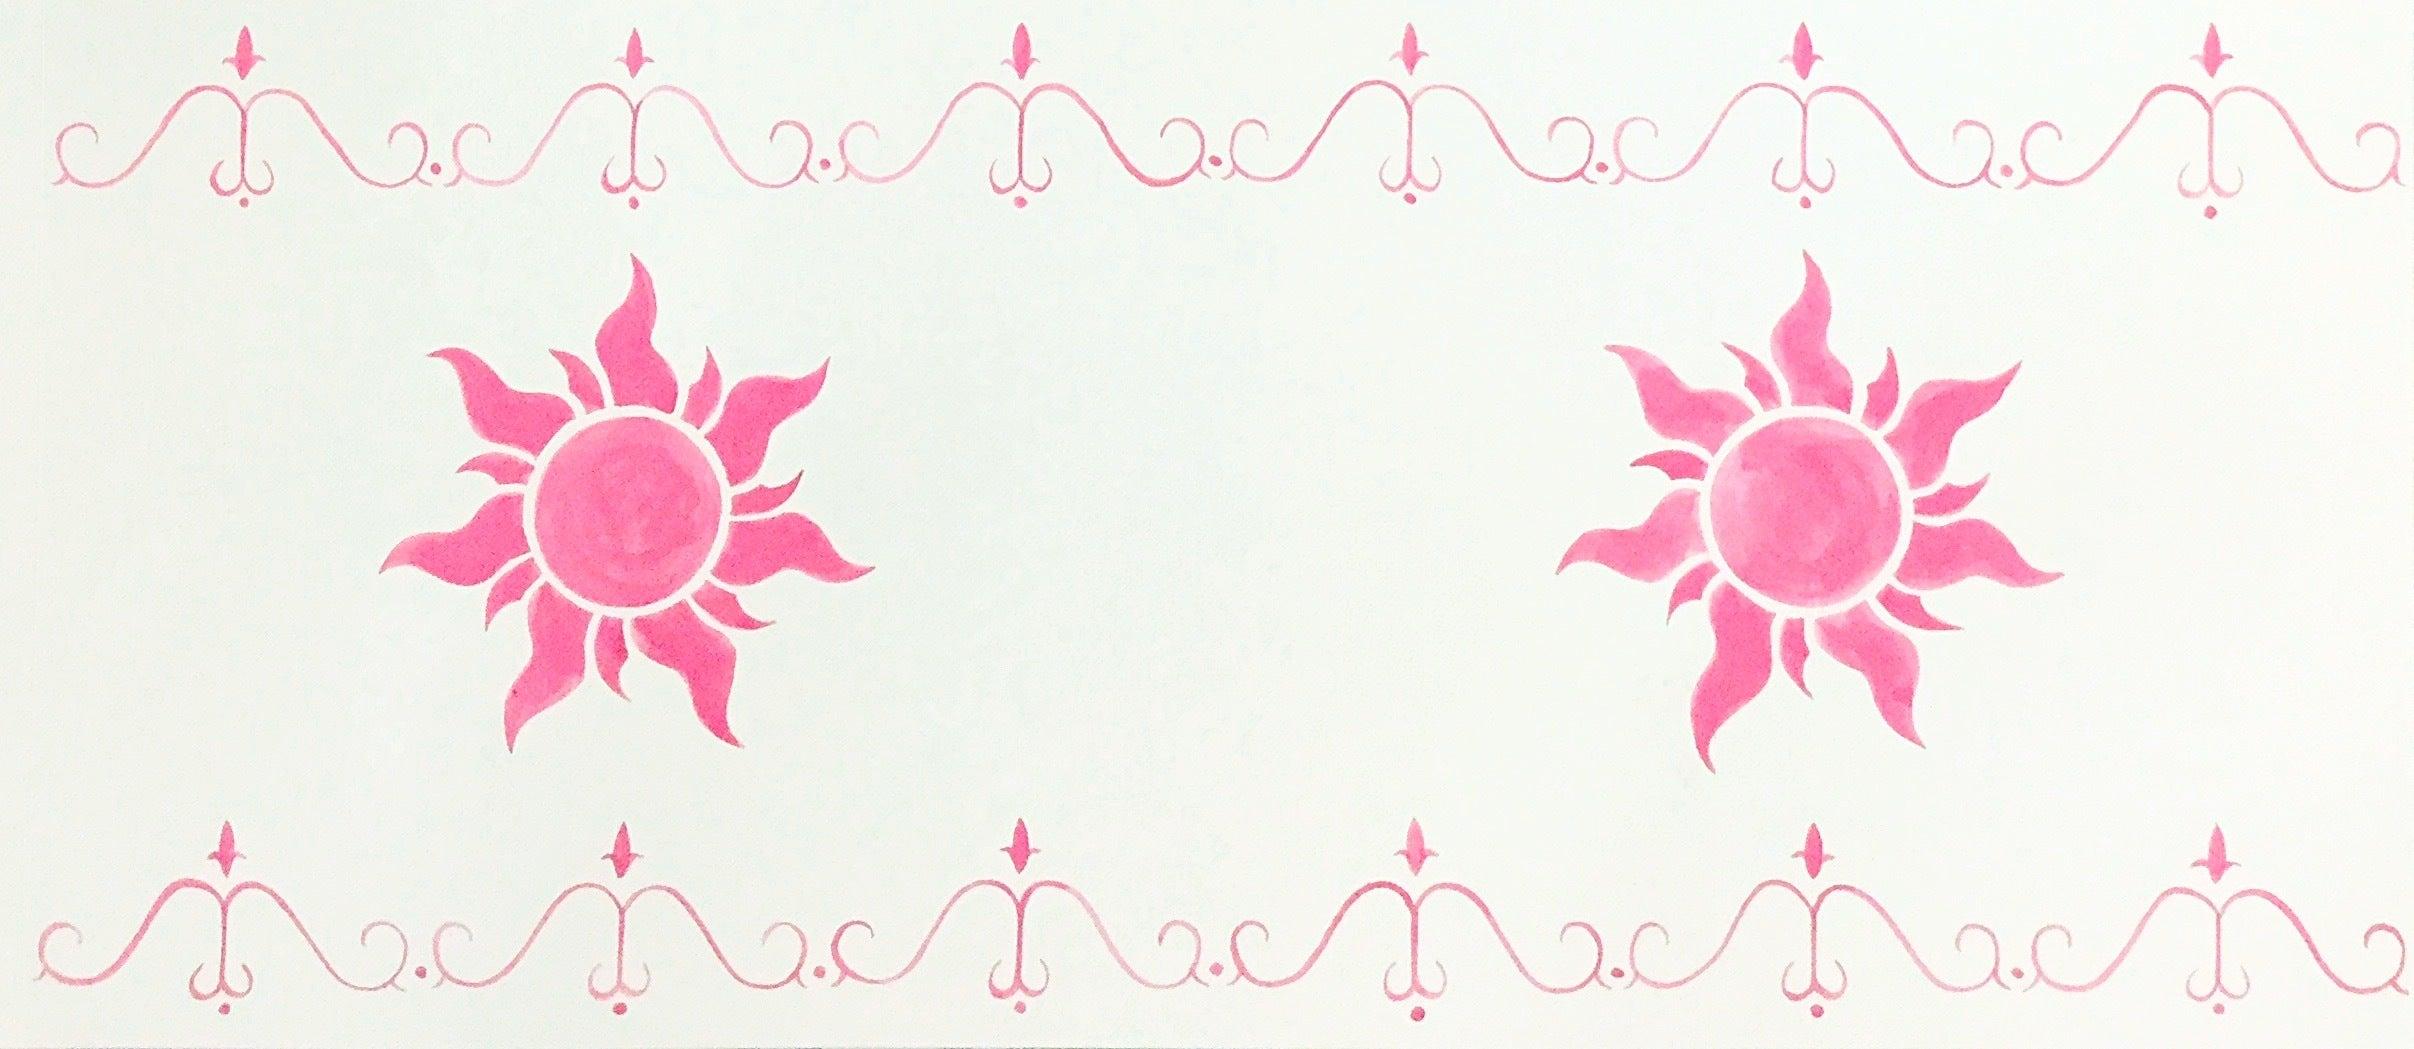 以前のランタンの紙を撮影したものを、普通のコピー用紙に印刷しました。